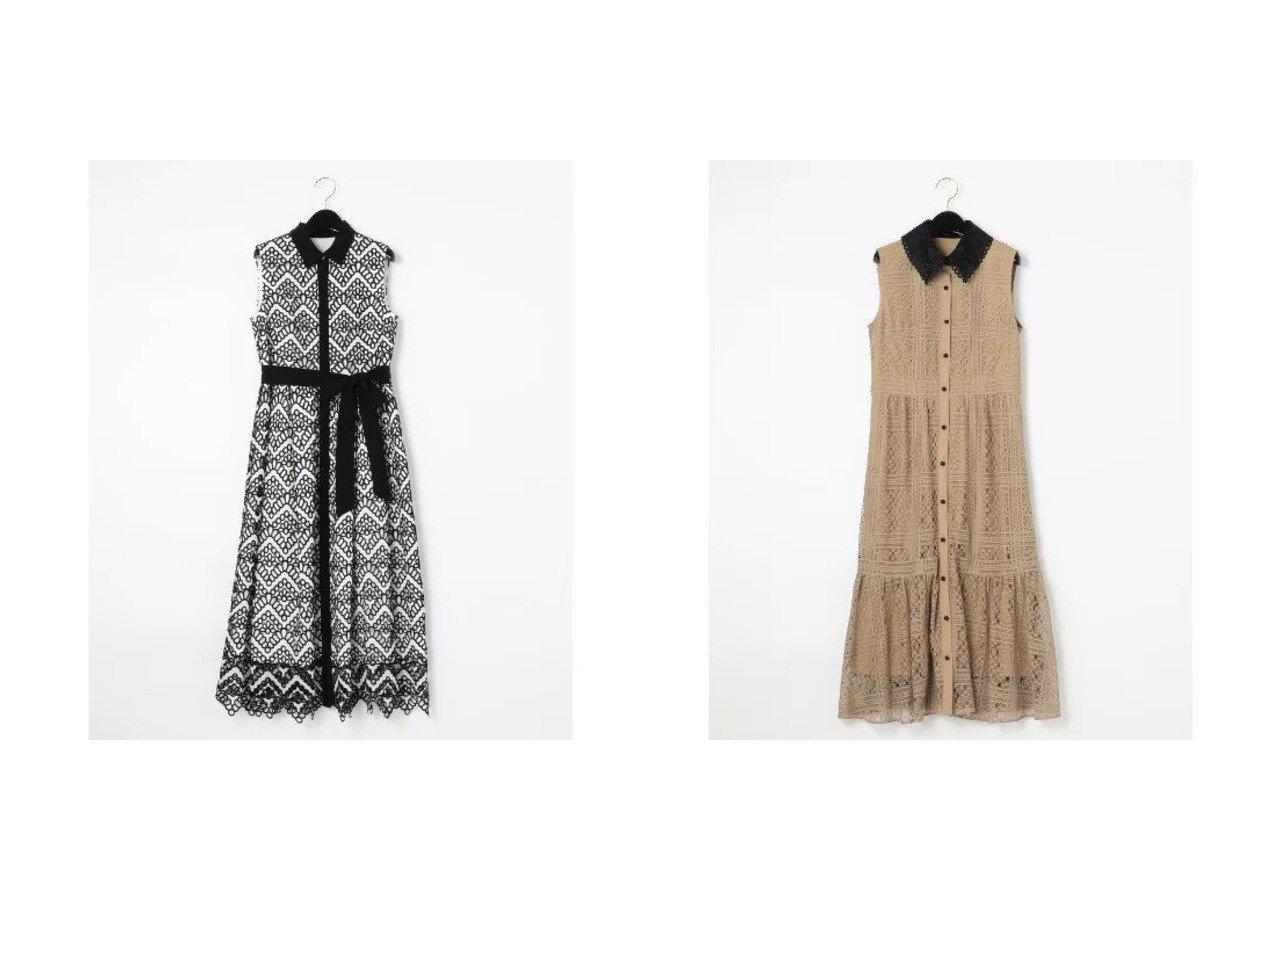 【GRACE CONTINENTAL/グレース コンチネンタル】の衿刺繍ティアードワンピース&カットワークノースリーブワンピース 【ワンピース・ドレス】おすすめ!人気、トレンド・レディースファッションの通販 おすすめで人気の流行・トレンド、ファッションの通販商品 インテリア・家具・メンズファッション・キッズファッション・レディースファッション・服の通販 founy(ファニー) https://founy.com/ ファッション Fashion レディースファッション WOMEN ワンピース Dress ドレス Party Dresses エレガント オケージョン ガーリー スカラップ ドレス フェミニン フォーマル リボン ワーク インナー ギャザー シンプル ティアードワンピース ノースリーブ バランス レース |ID:crp329100000047617